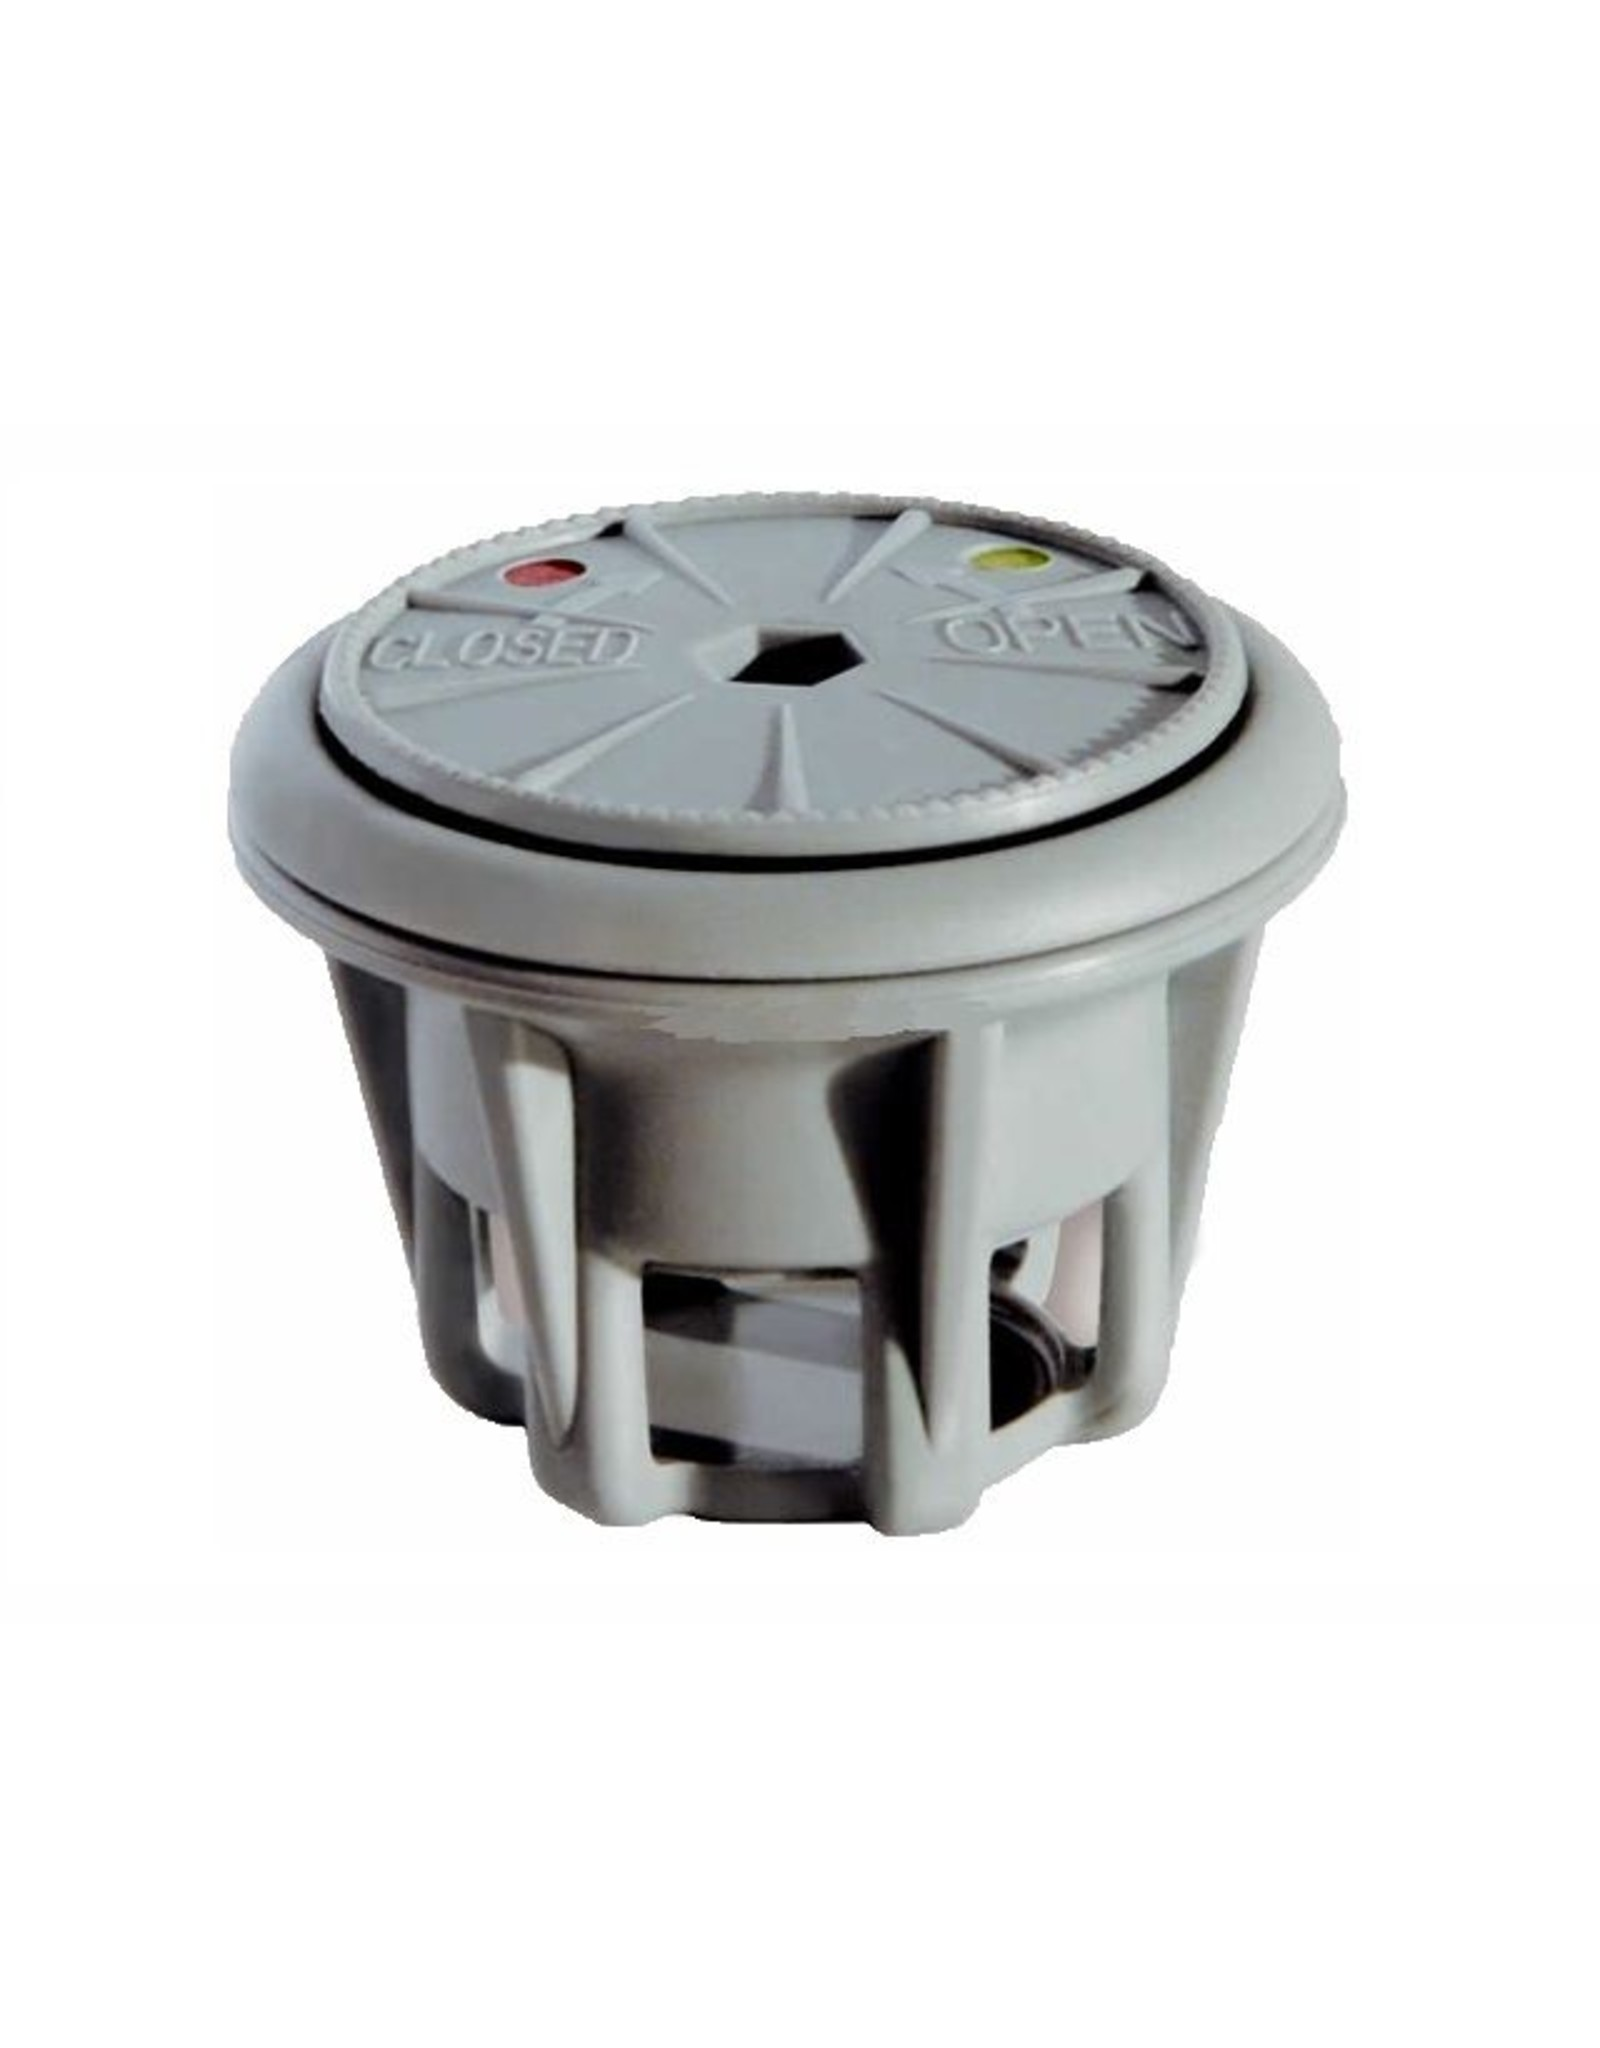 Hebor Watersport Overdruk ventiel 250 t/m 350 mbar